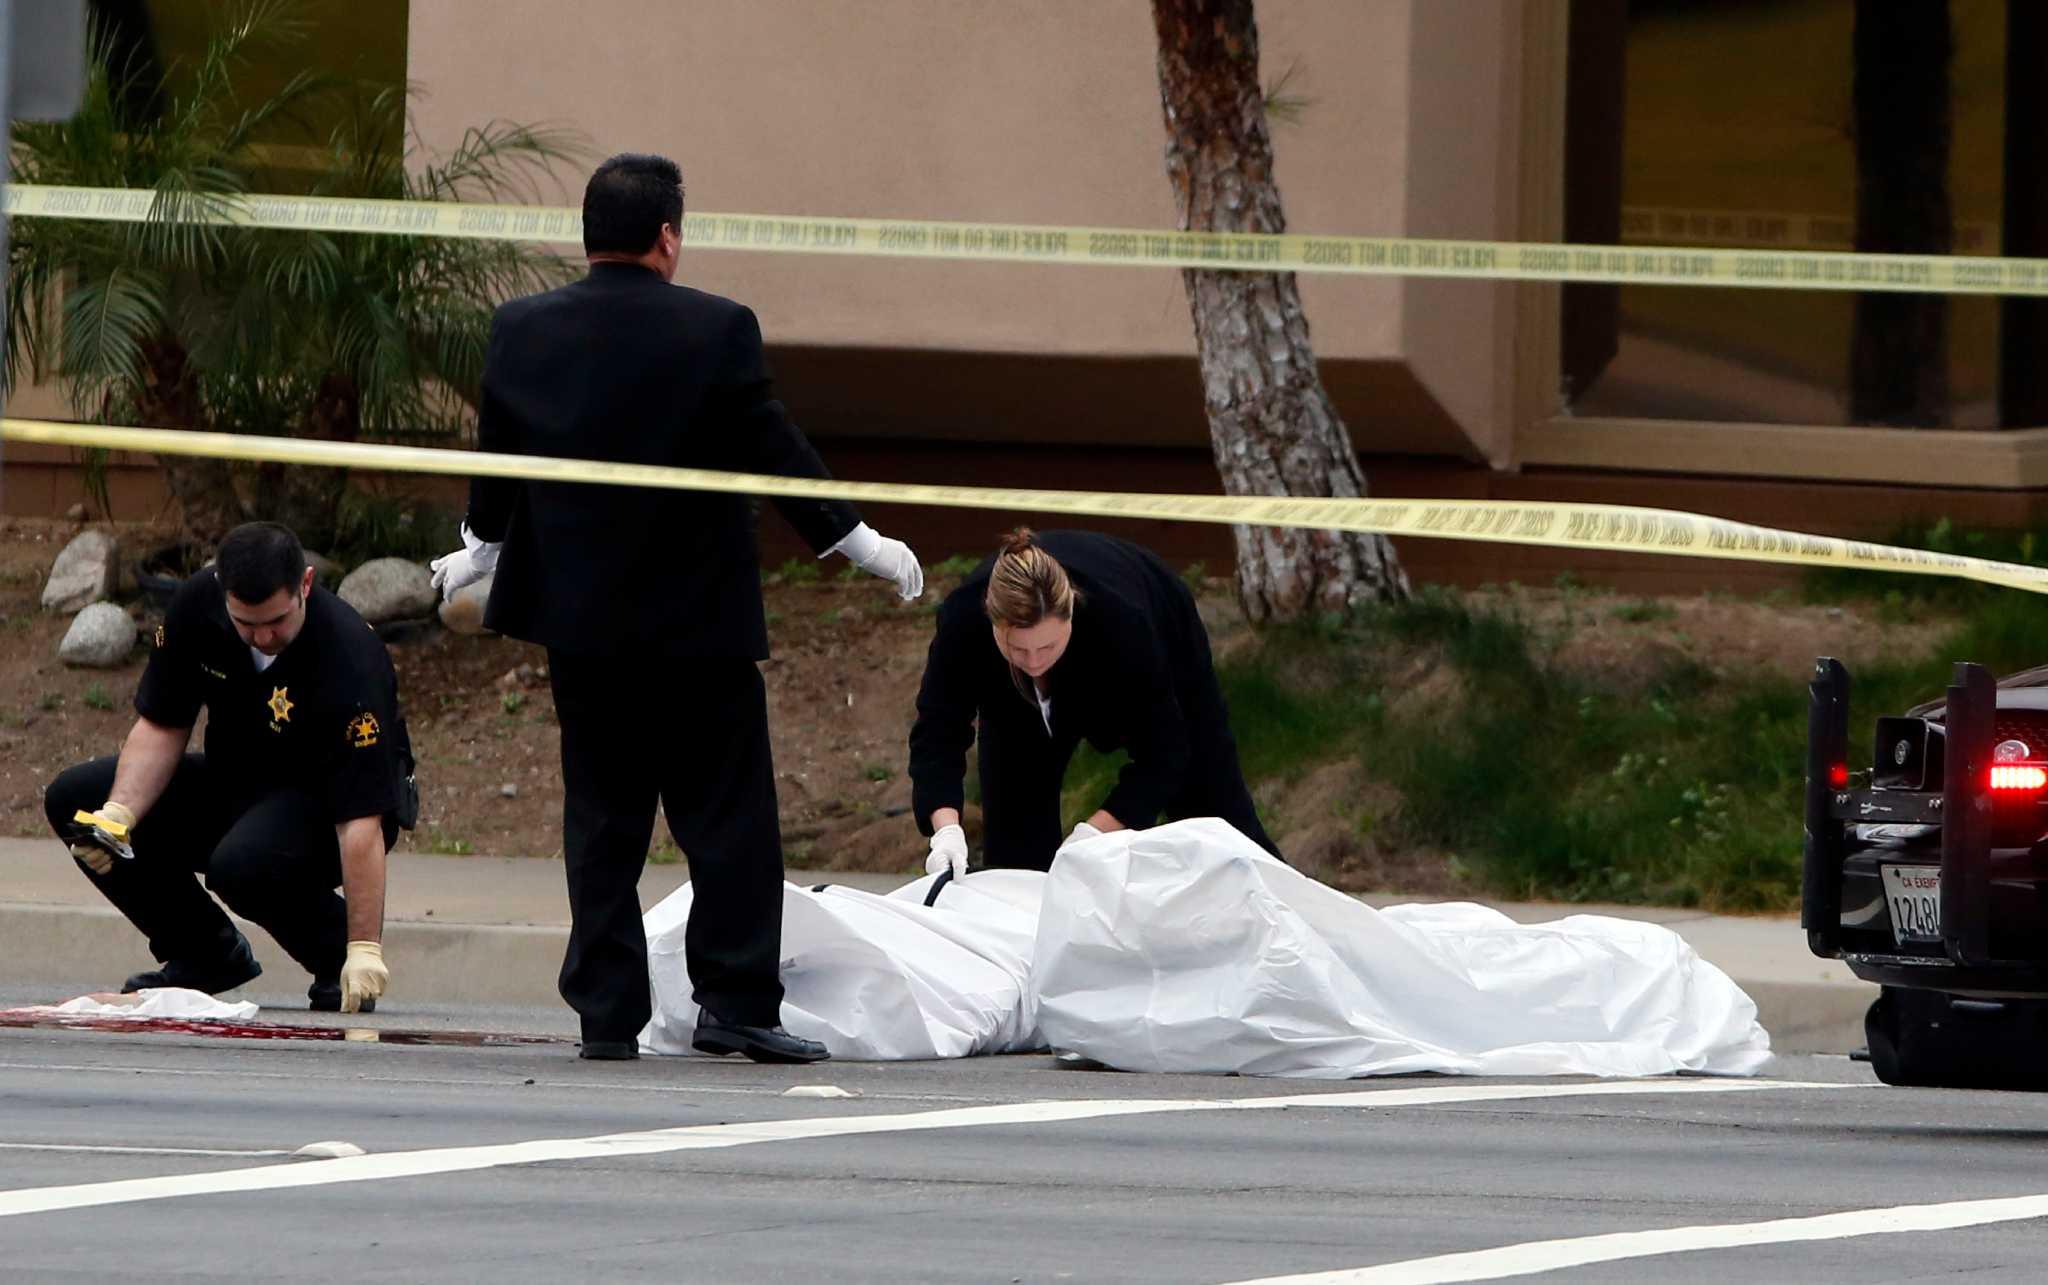 Без тела нет дела: роль осмотра трупа в криминалистике и уголовном процессе